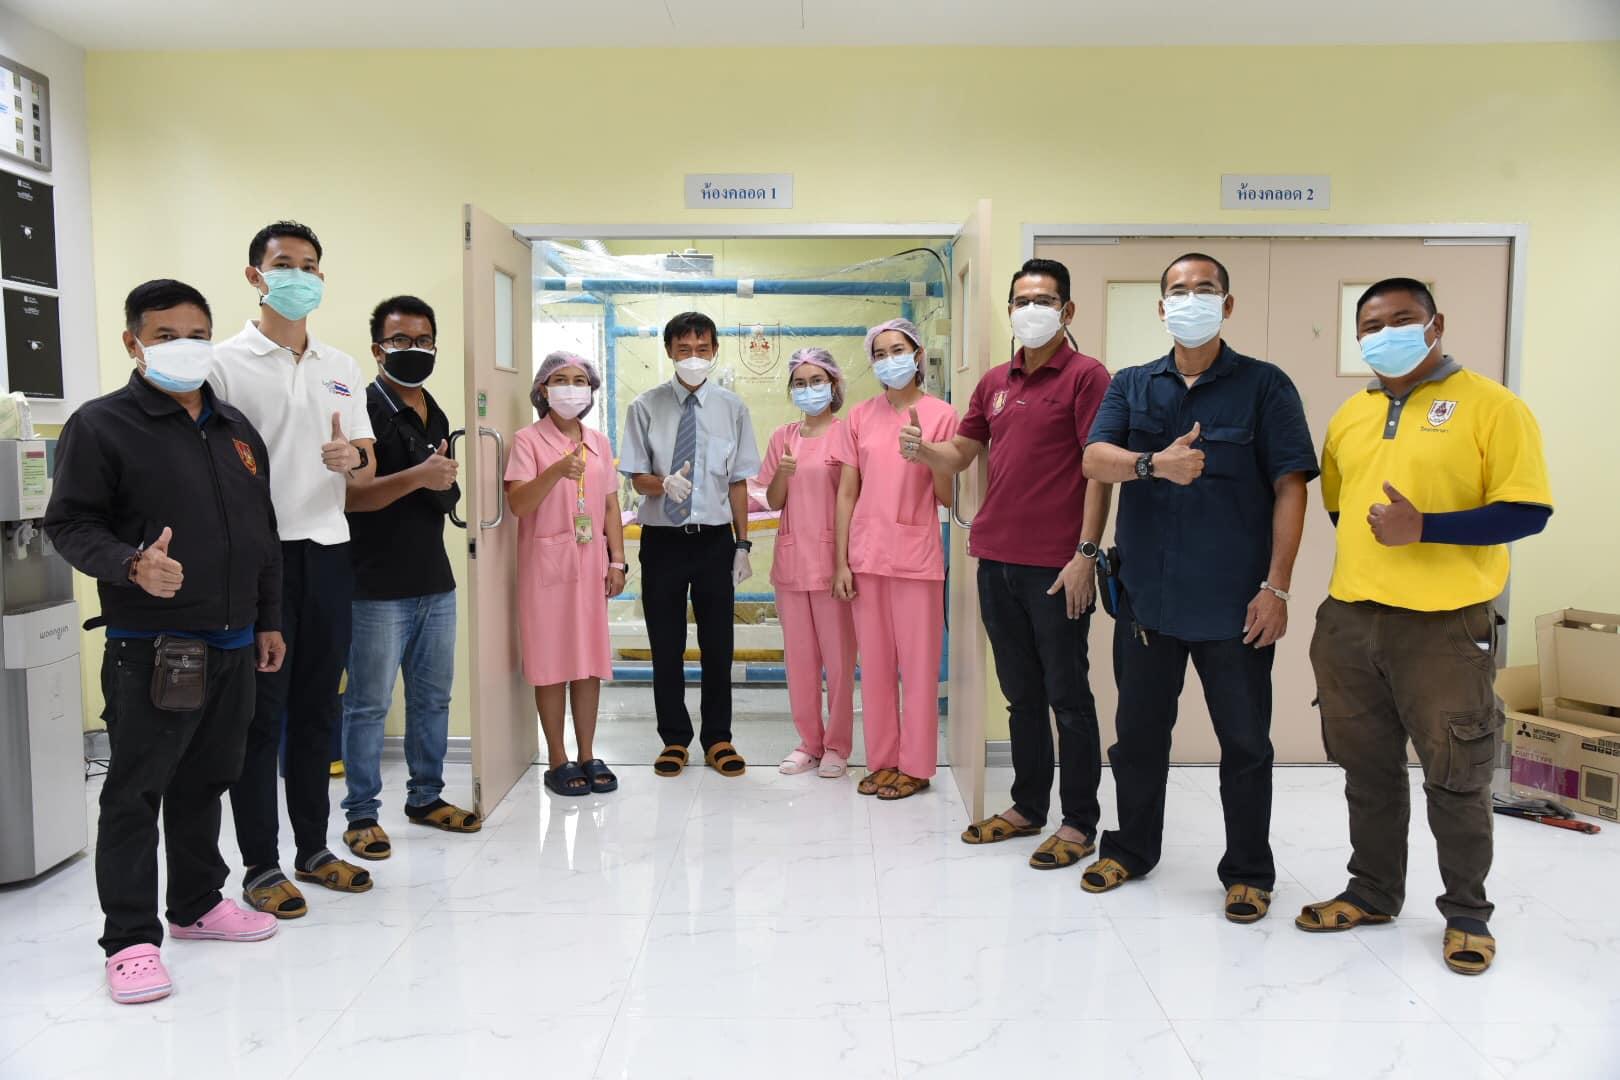 วิศวกรอาสา วิศวกรรมสถานแห่งประเทศไทยฯ (วสท.) ร่วมประกอบตู้ความดันลบมอบแก่โรงพยาบาลราชพิพัฒน์ บางแค (ติดตั้งในห้องคลอด)